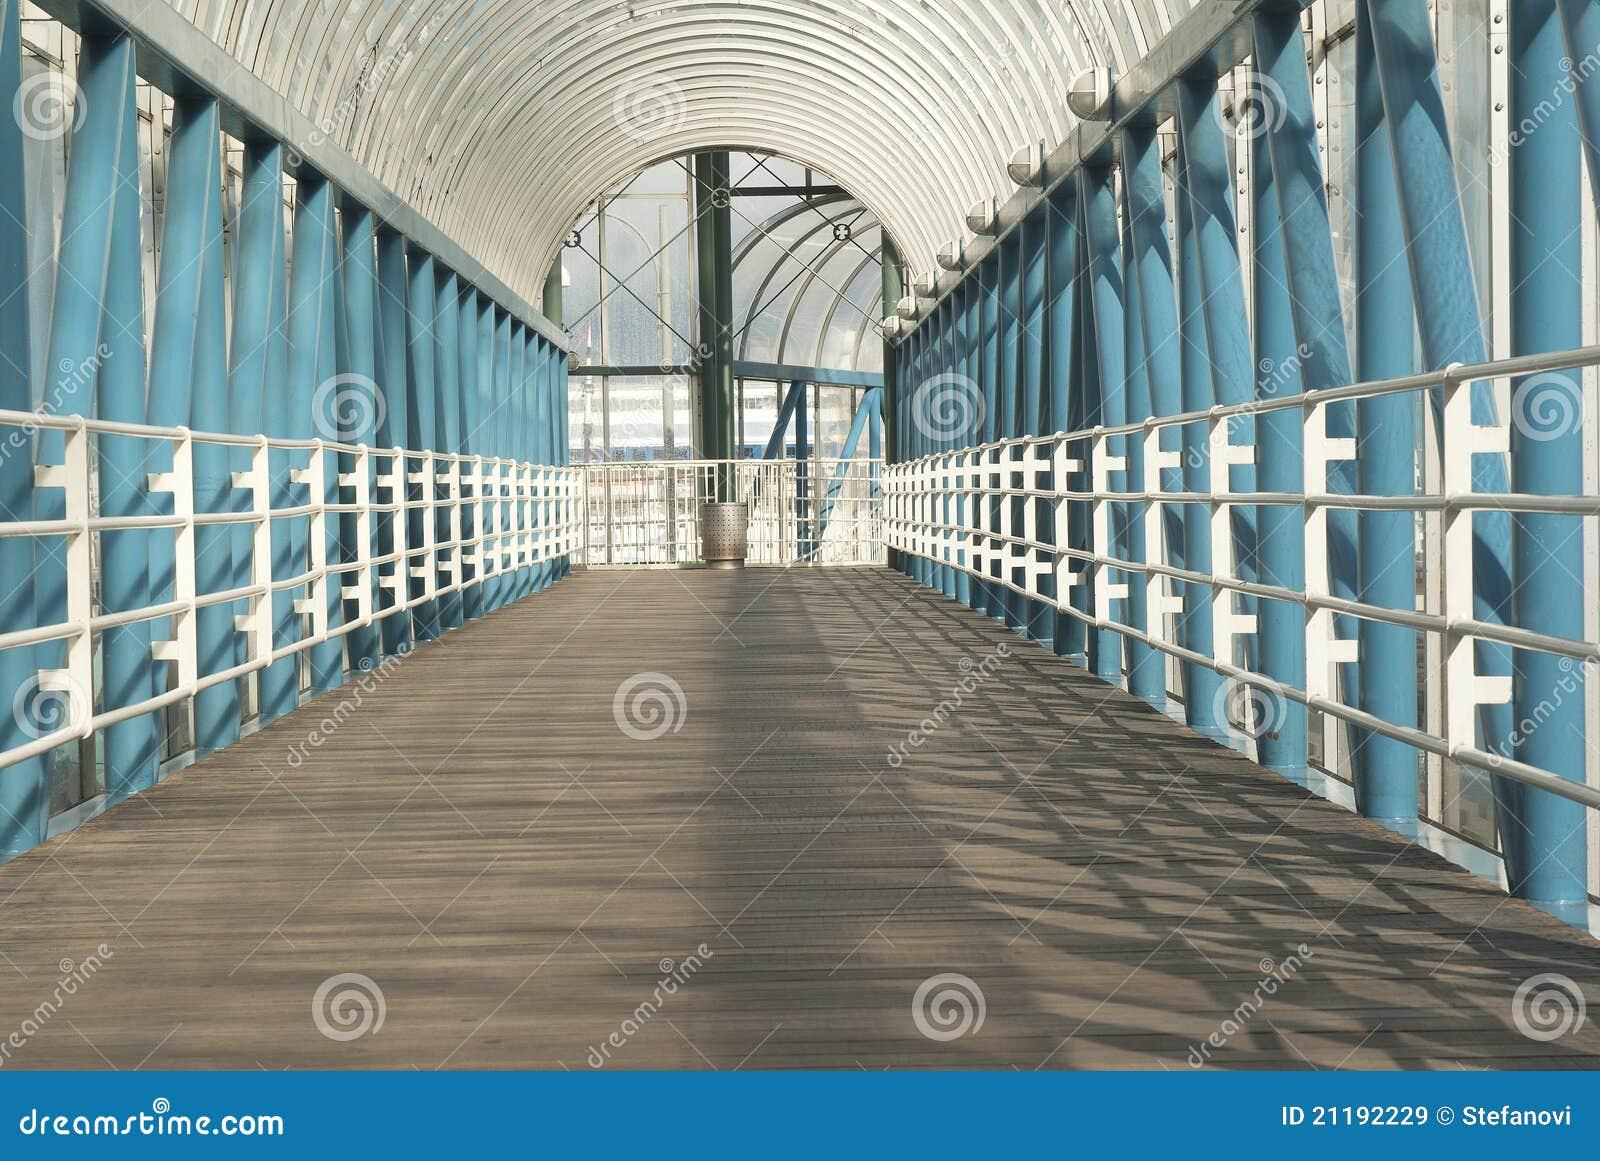 Tunnel voor voetganger stock afbeelding afbeelding bestaande uit stad 21192229 - Kleur schilderij gang ingang ...